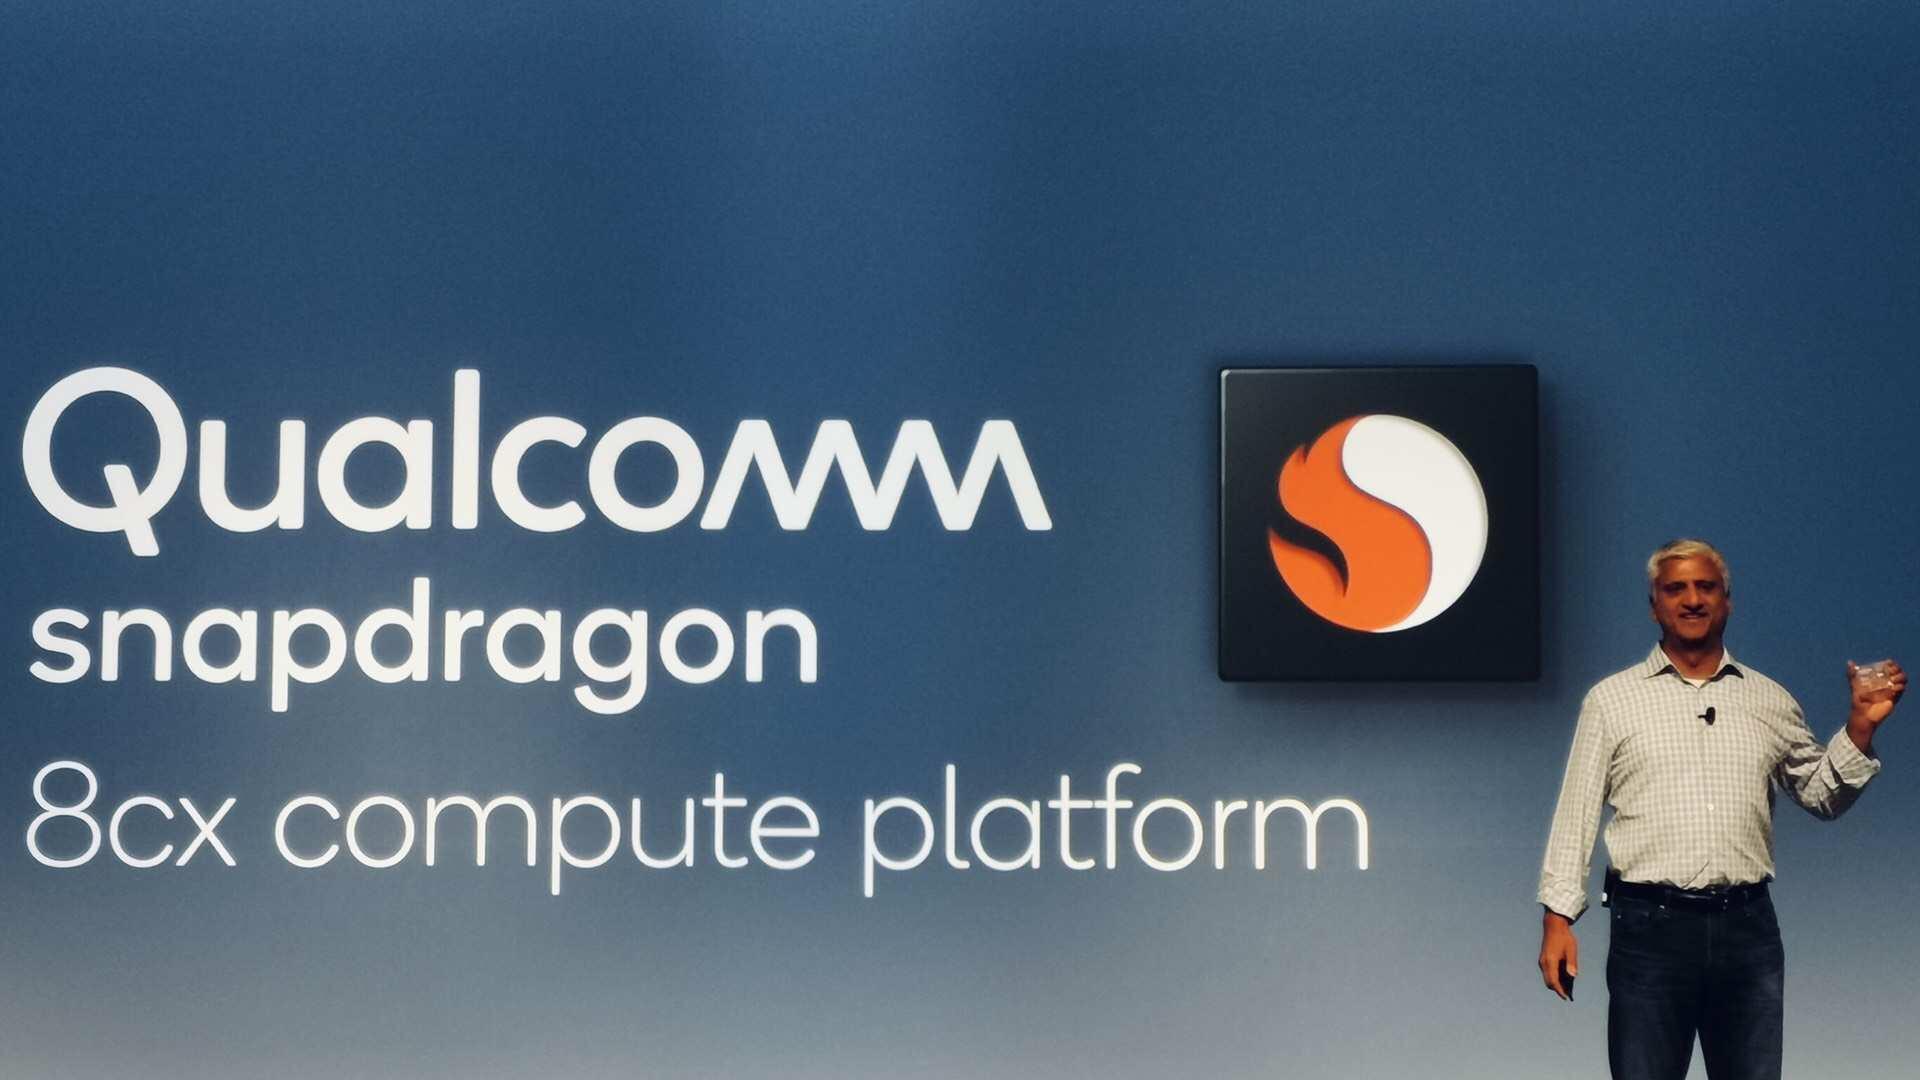 高通推出全球首款7纳米PC平台—高通骁龙8cx计算平台